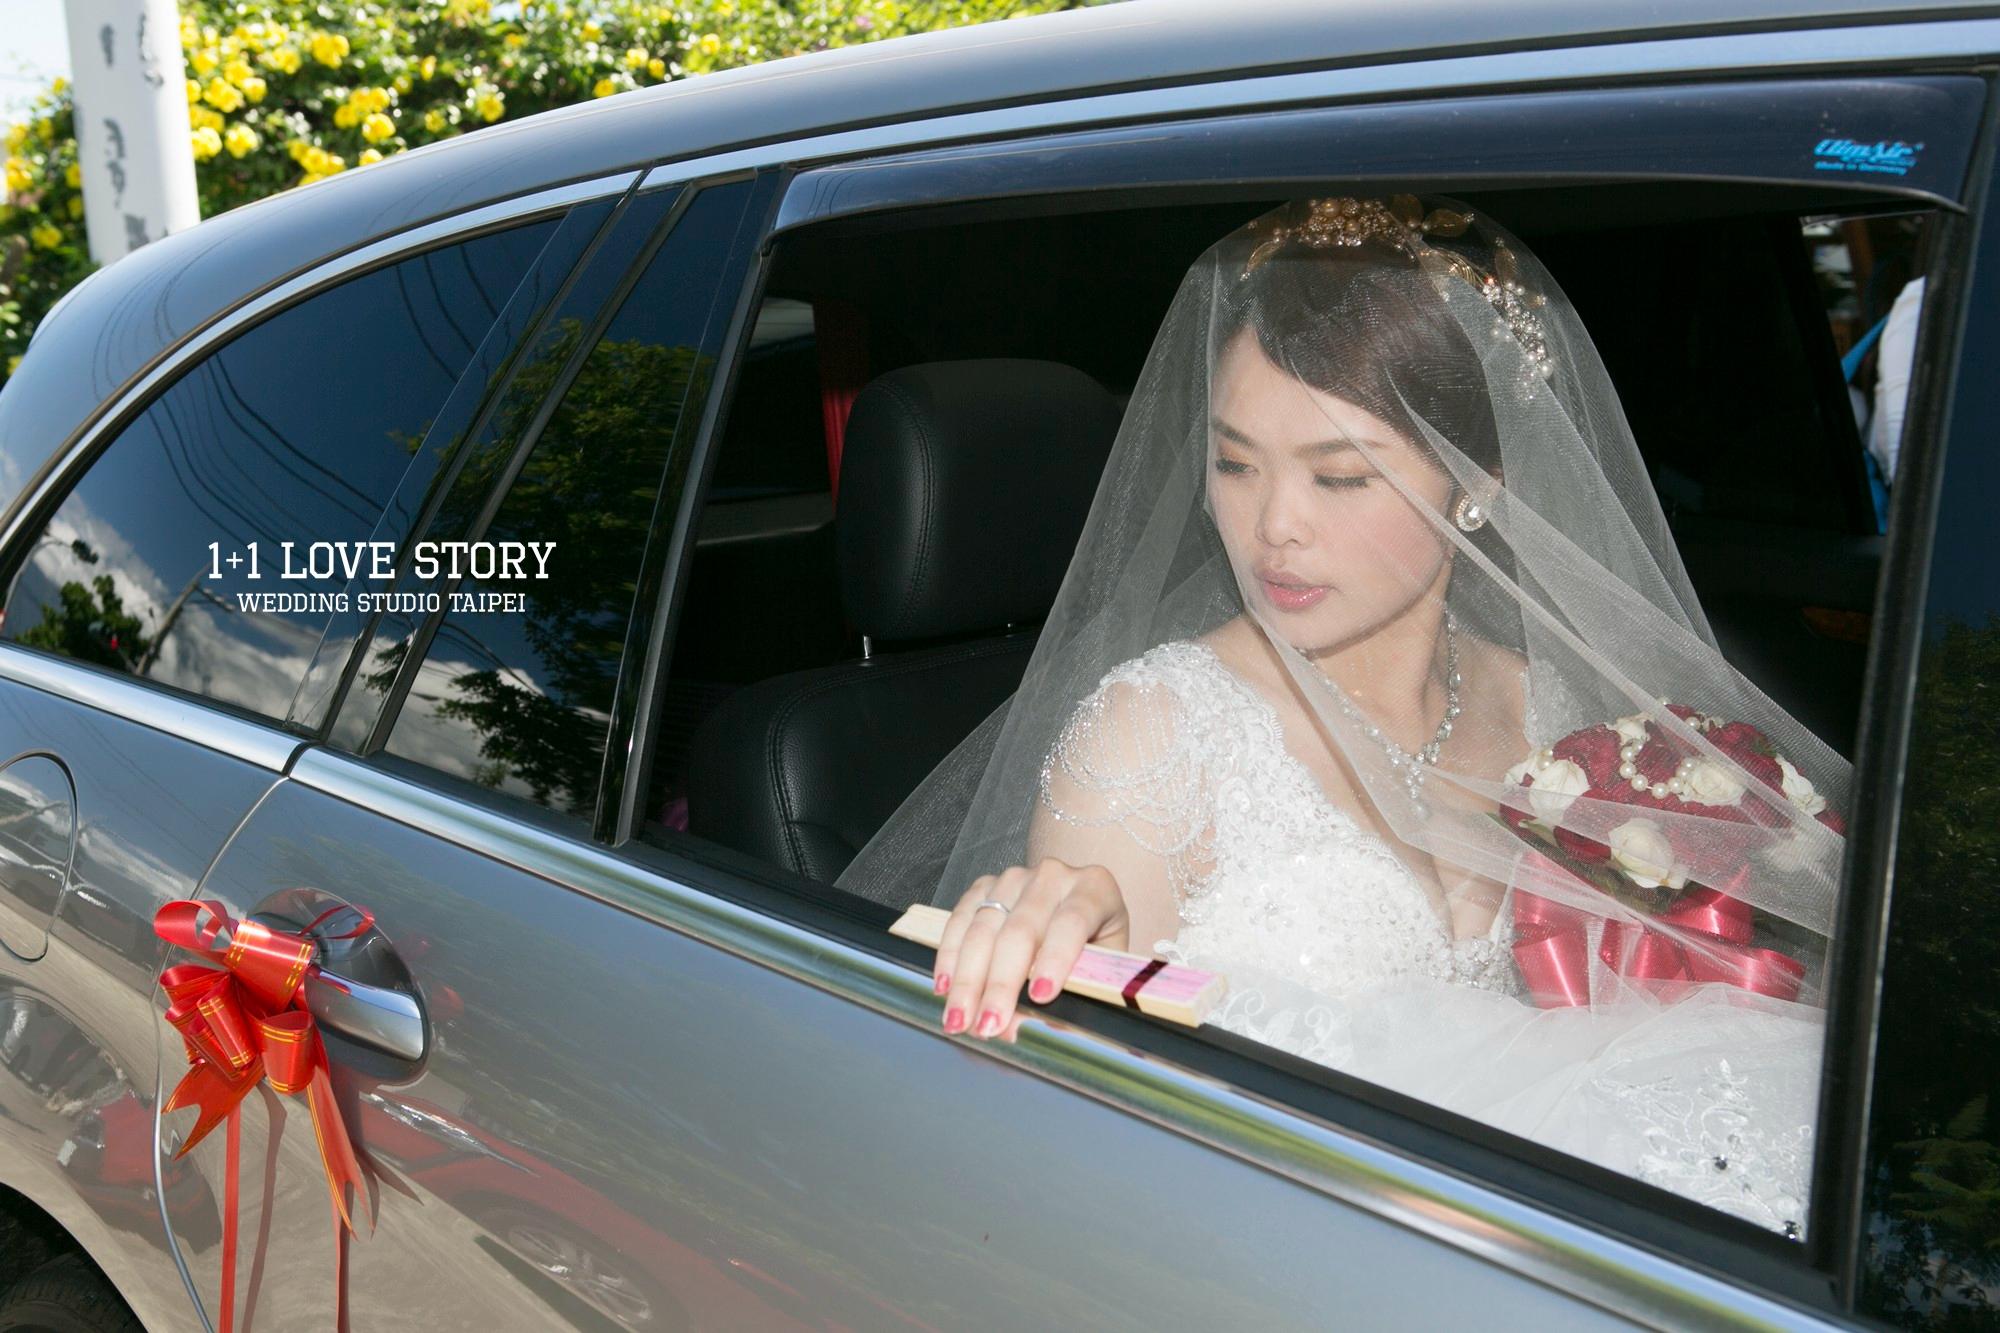 結婚禮車,禮車出租,新娘禮車